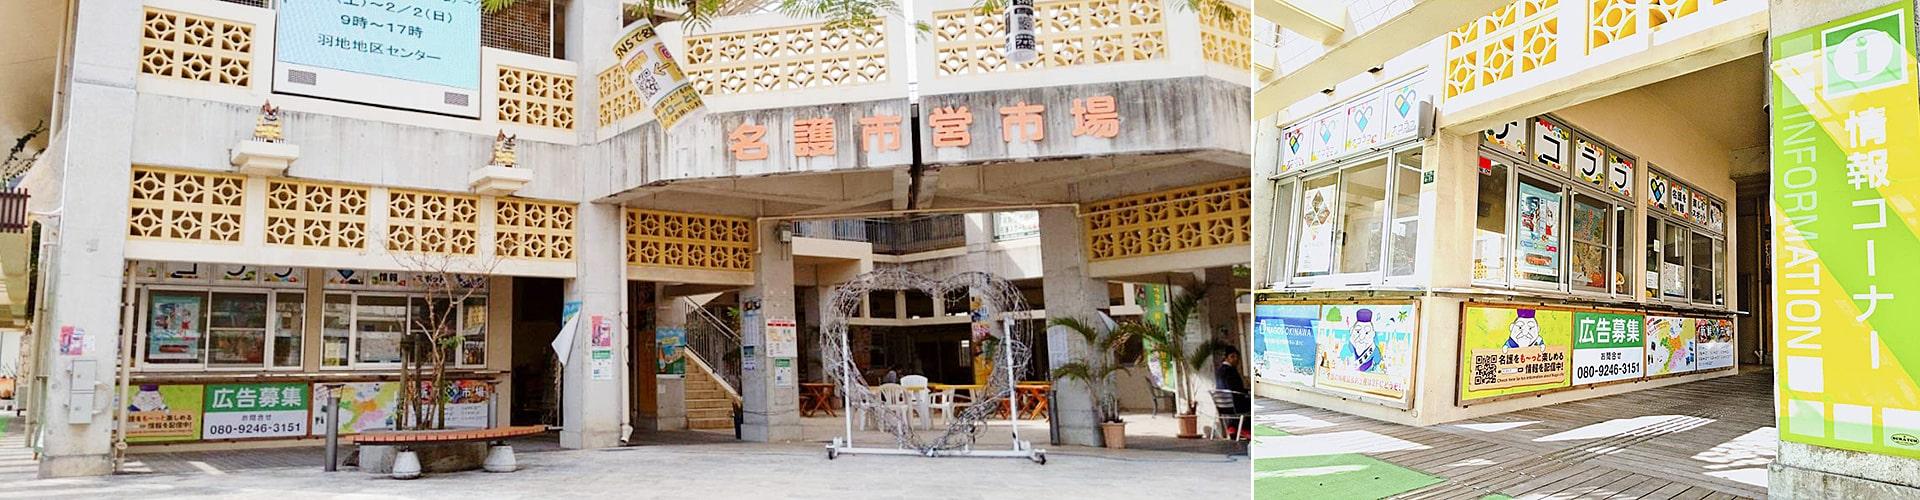 沖縄名護の情報サイト ナゴラブ